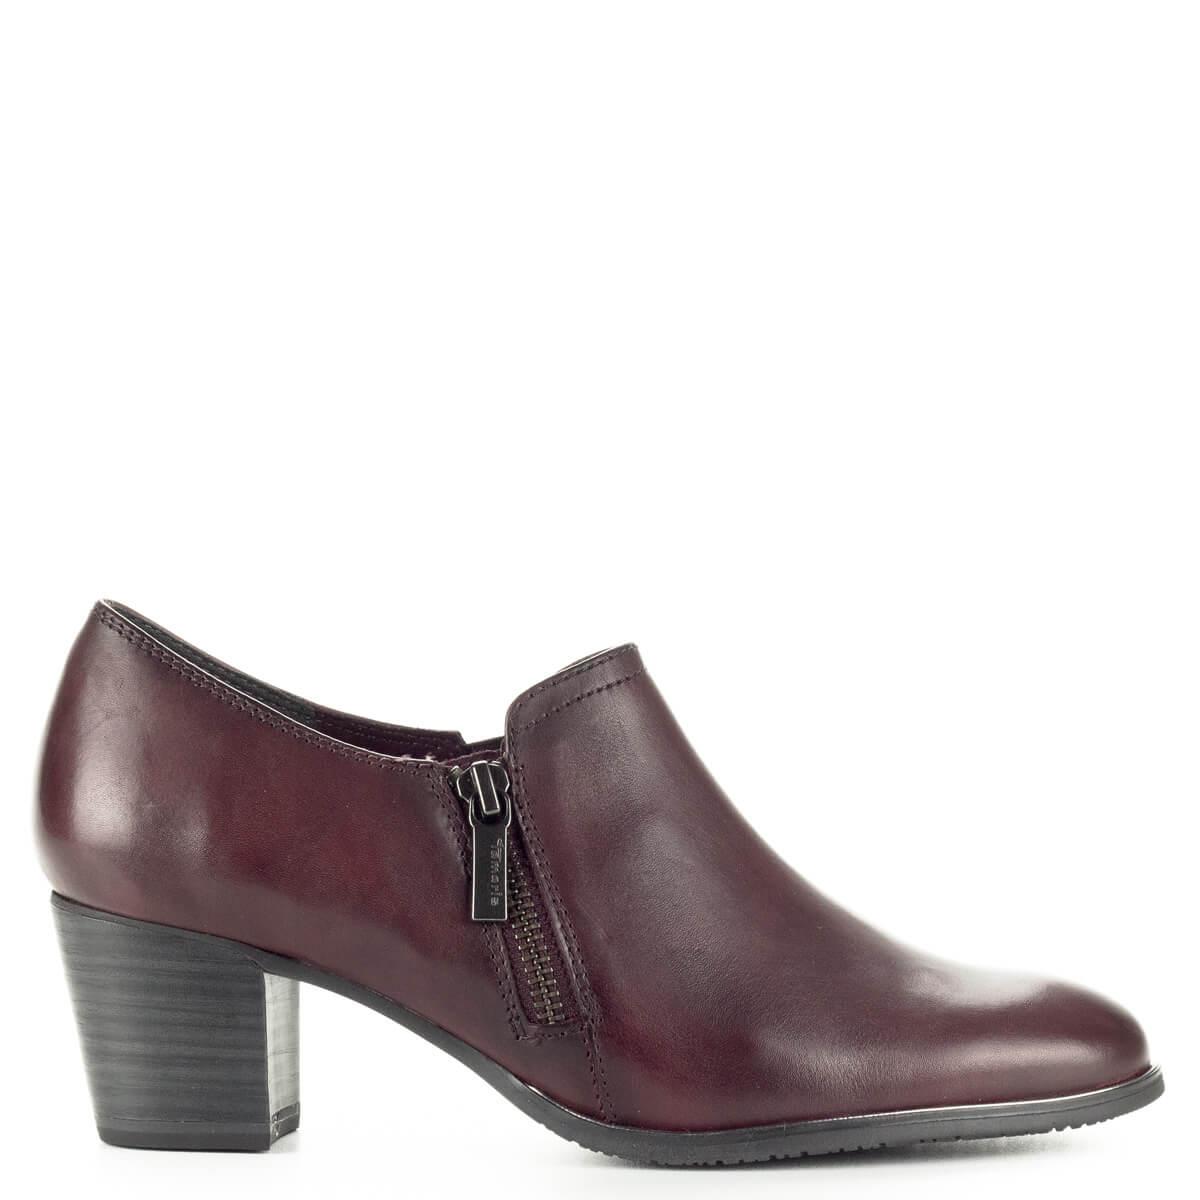 badaef2b50 Zárt Tamaris cipő fekete színben, bőr felsőrésszel. AntiShokk sarokkal  készült, belsejében puha talpbélés ...